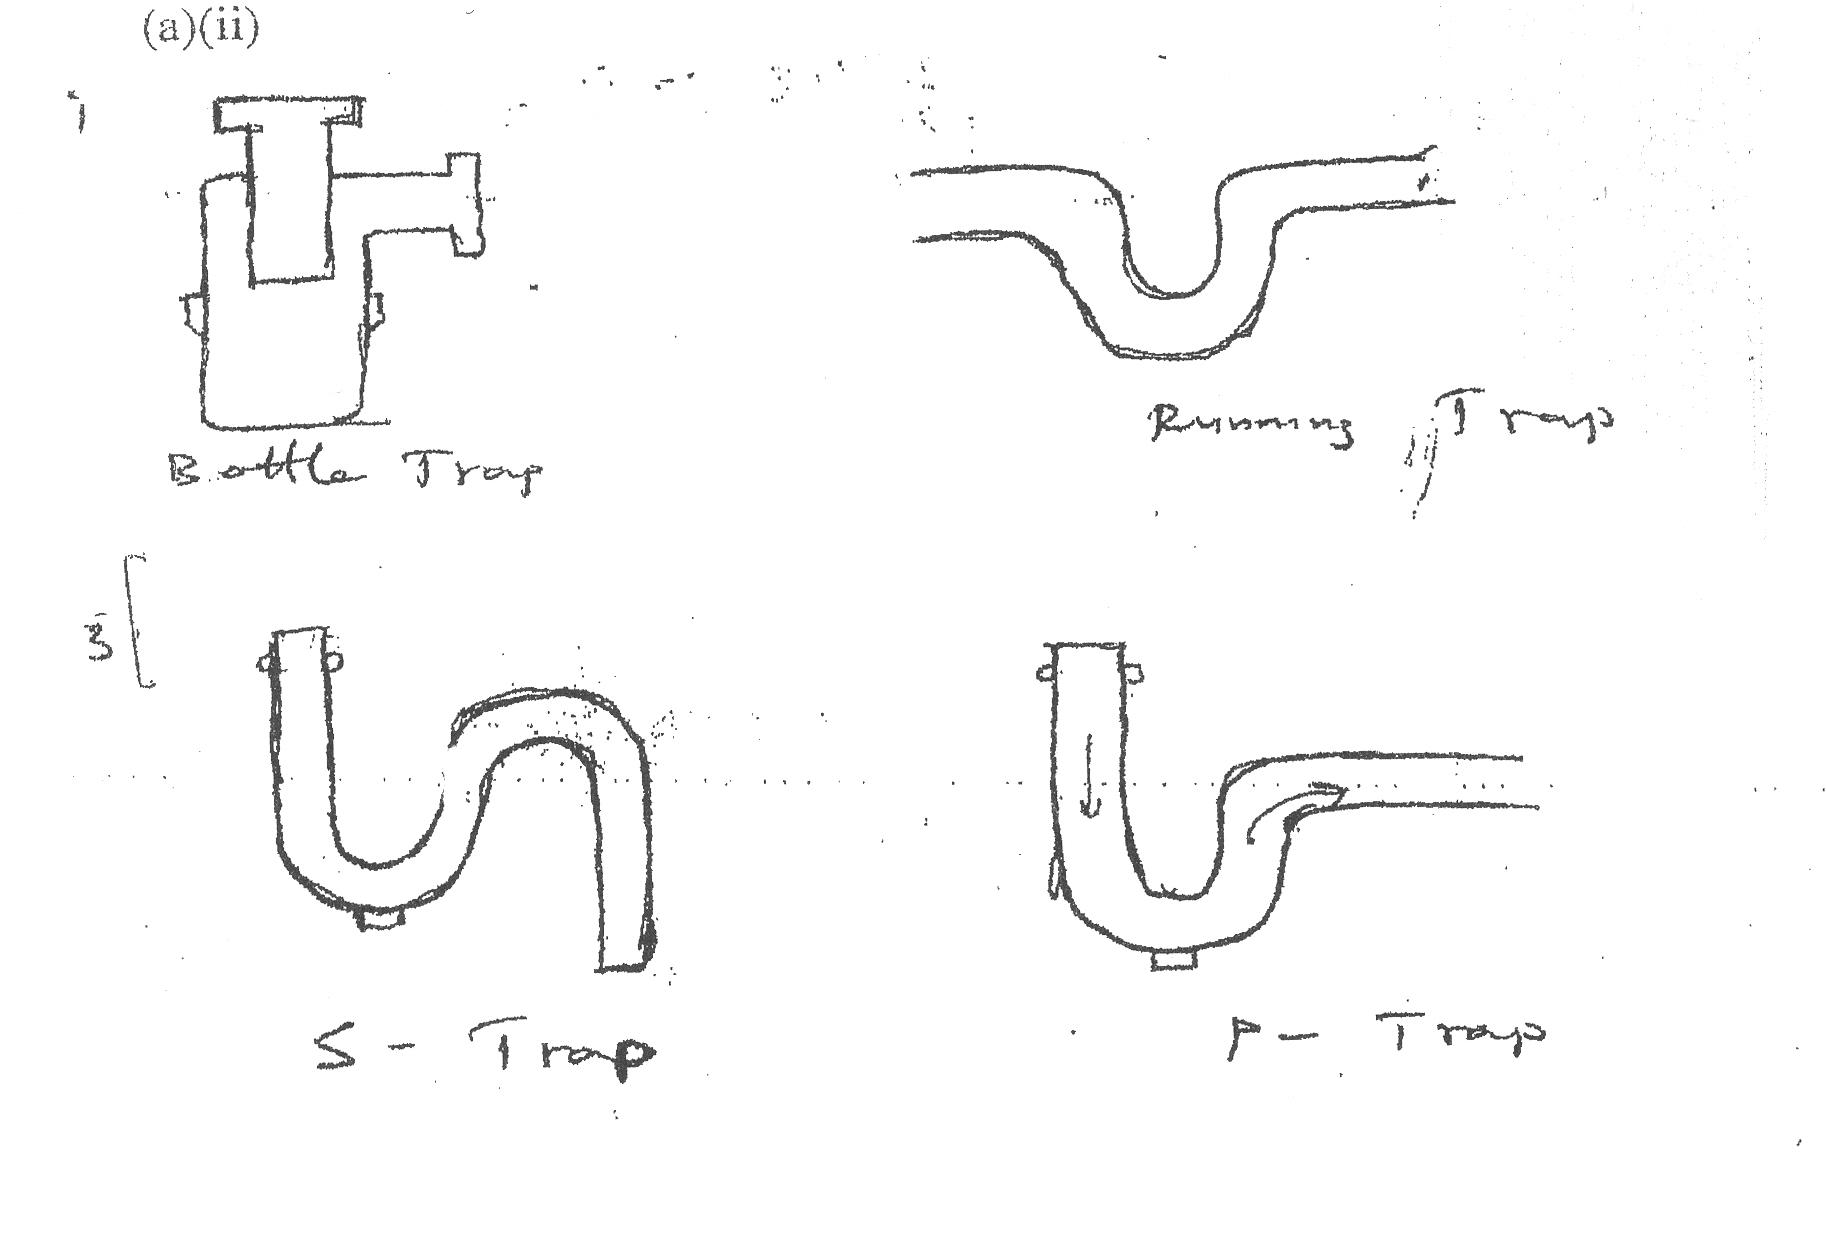 external wiring conduit